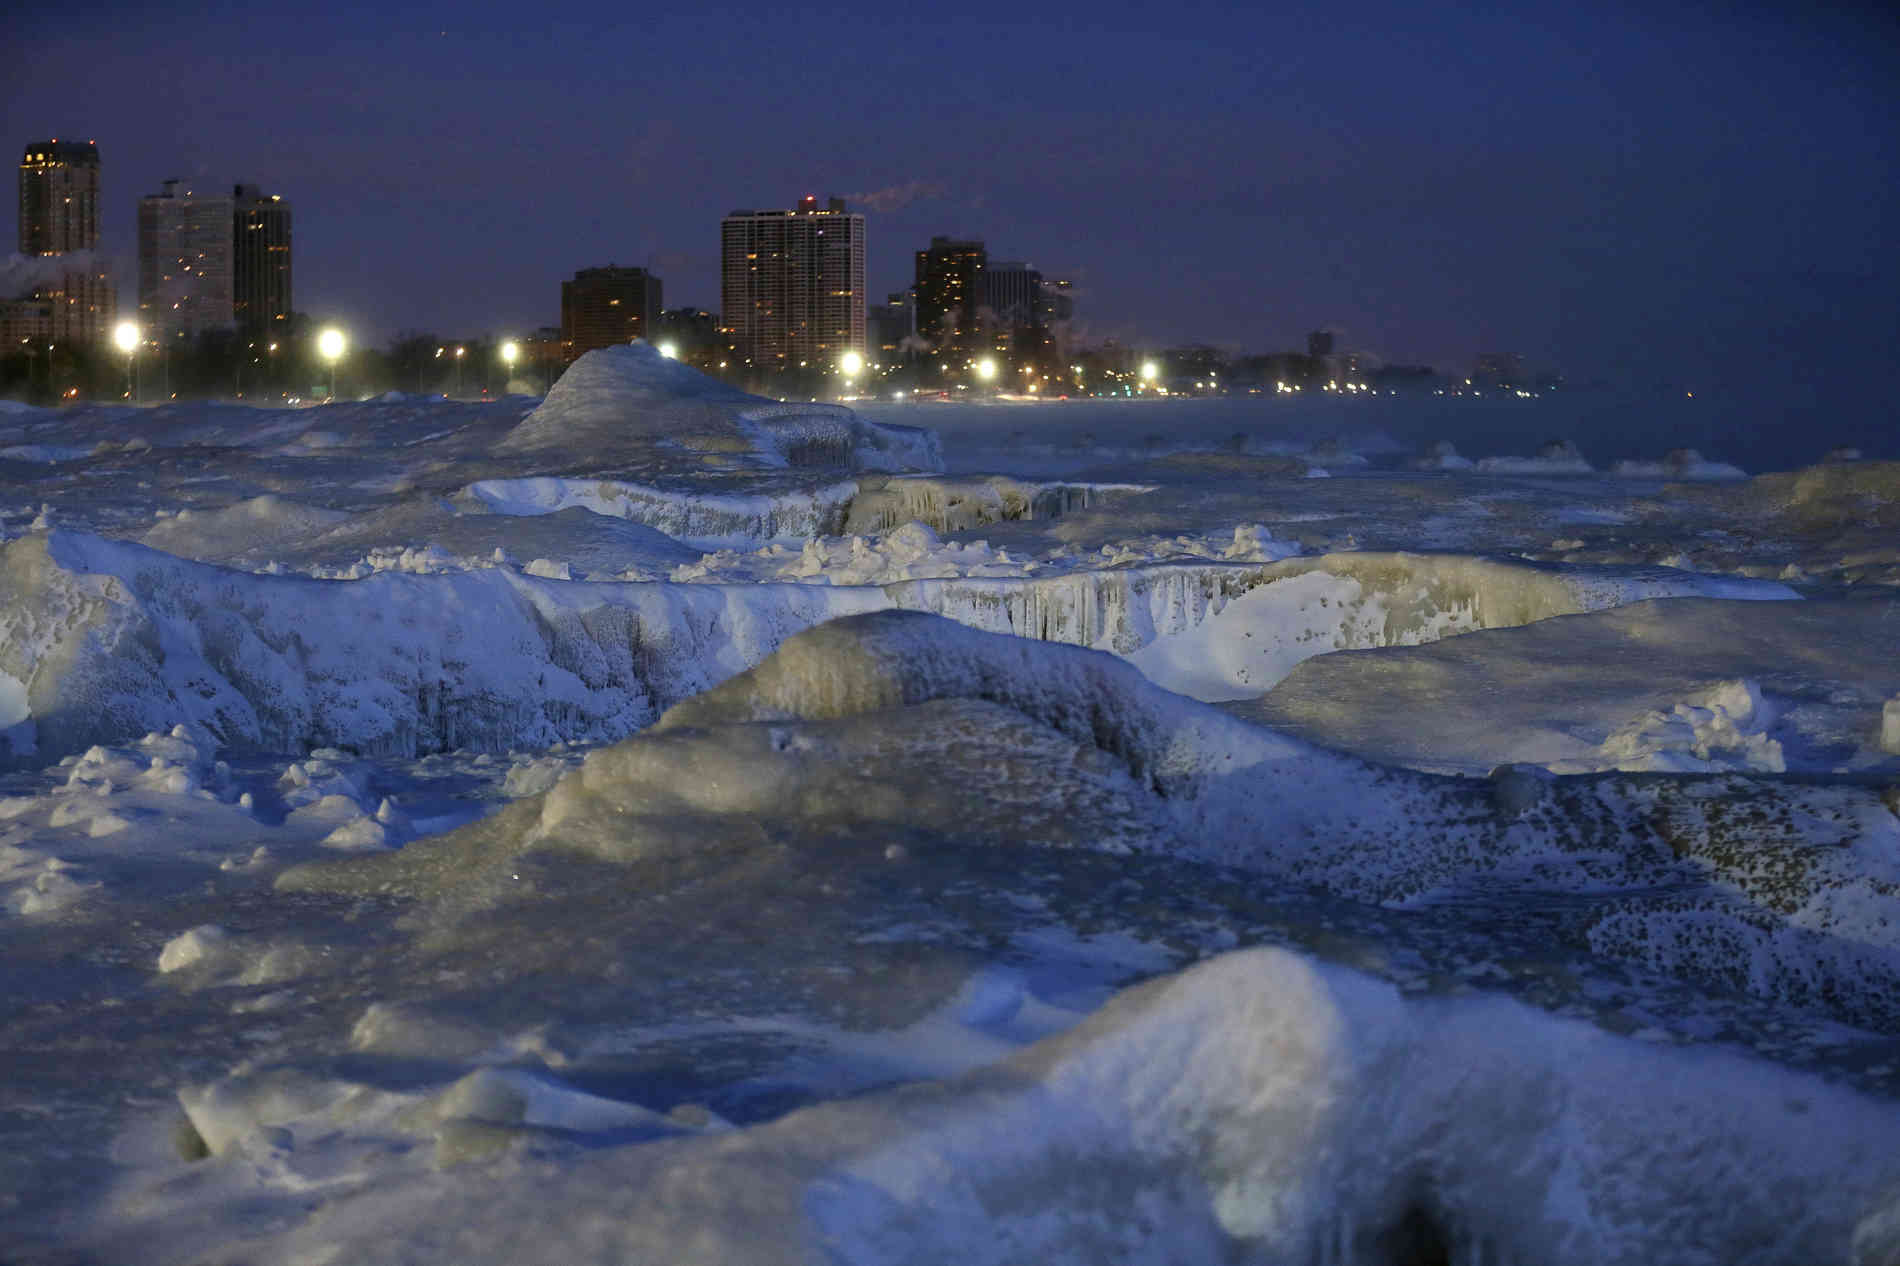 Polarwirbel - Acht Menschen sterben bei arktischen Temperaturen in den USA